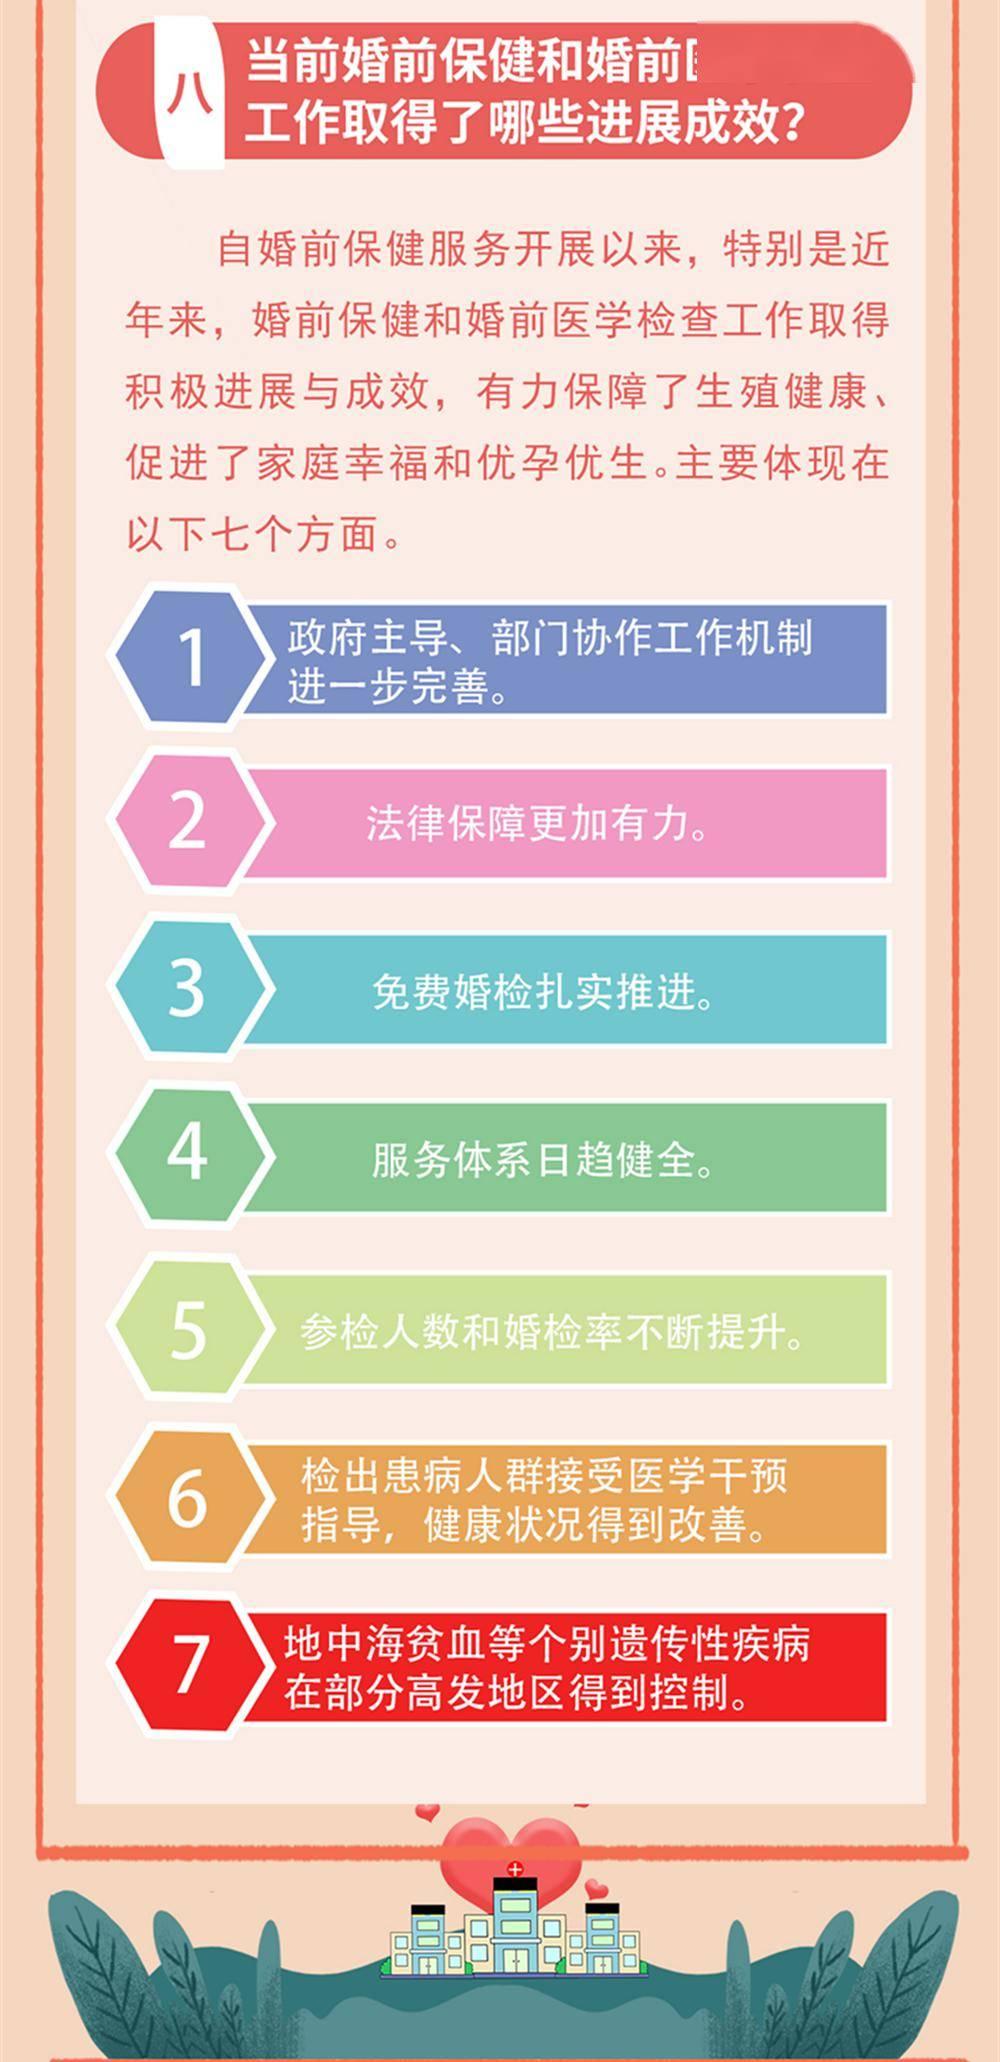 【政策宣传】一图读懂婚前保健服务